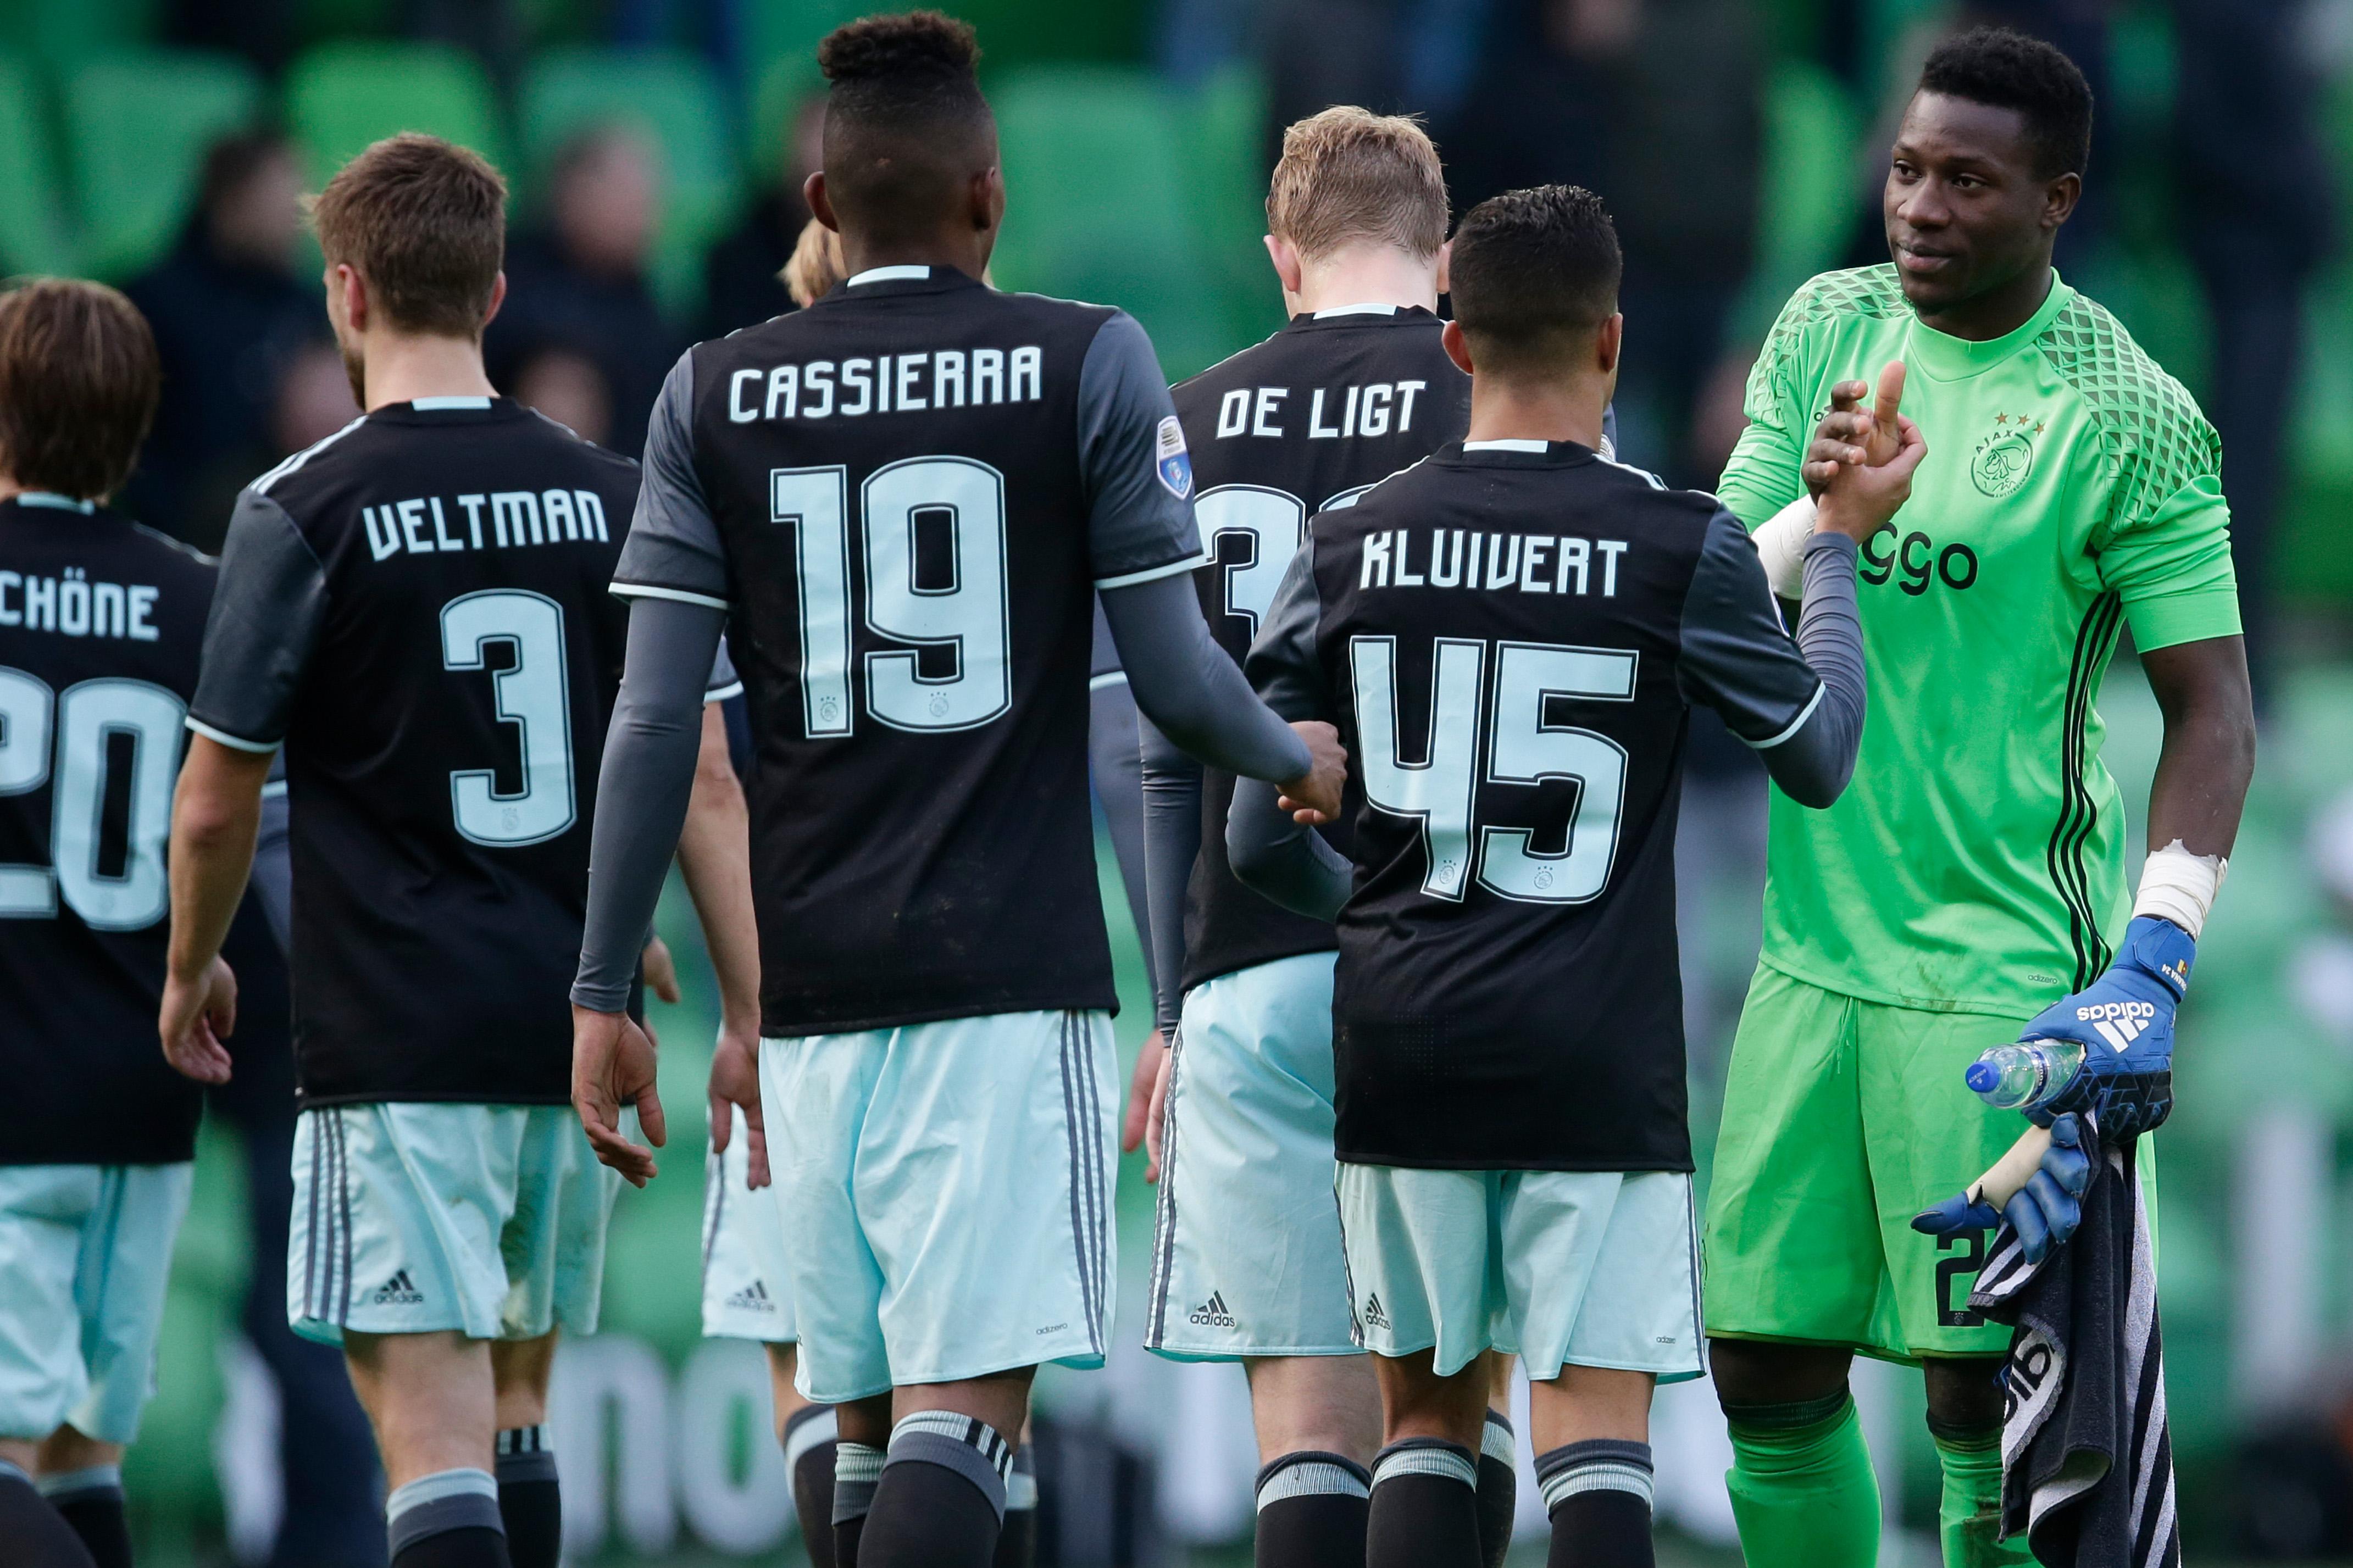 [Tactique] Comment joue l'Ajax de Peter Bosz, adversaire de Lyon en Ligue Europa ?